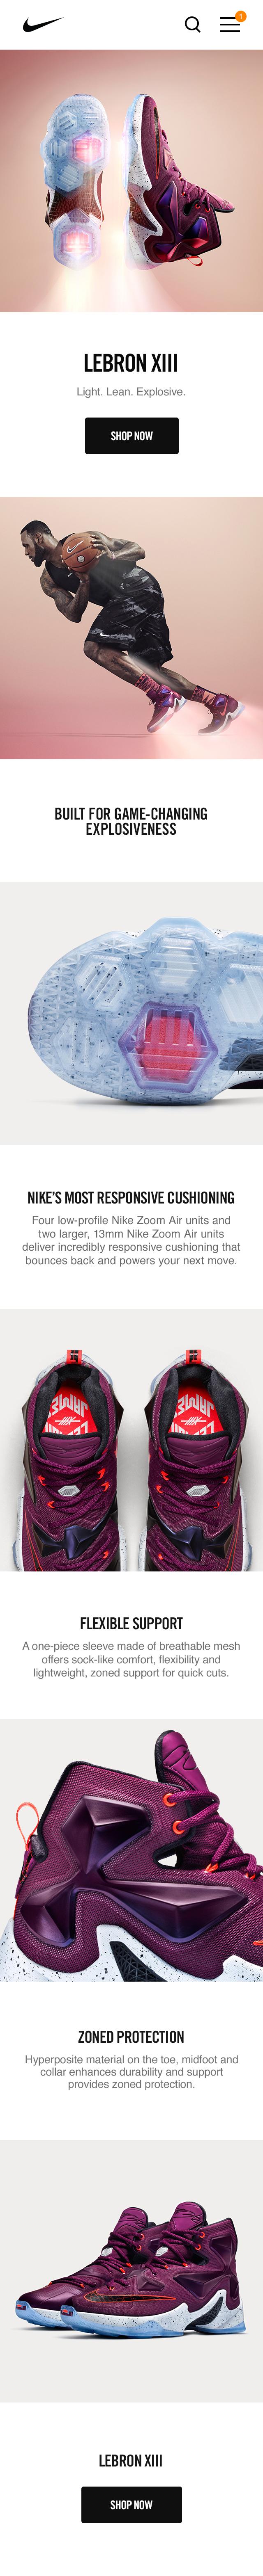 NikeLabxGyakusouCDP_Mobile_v1.jpg